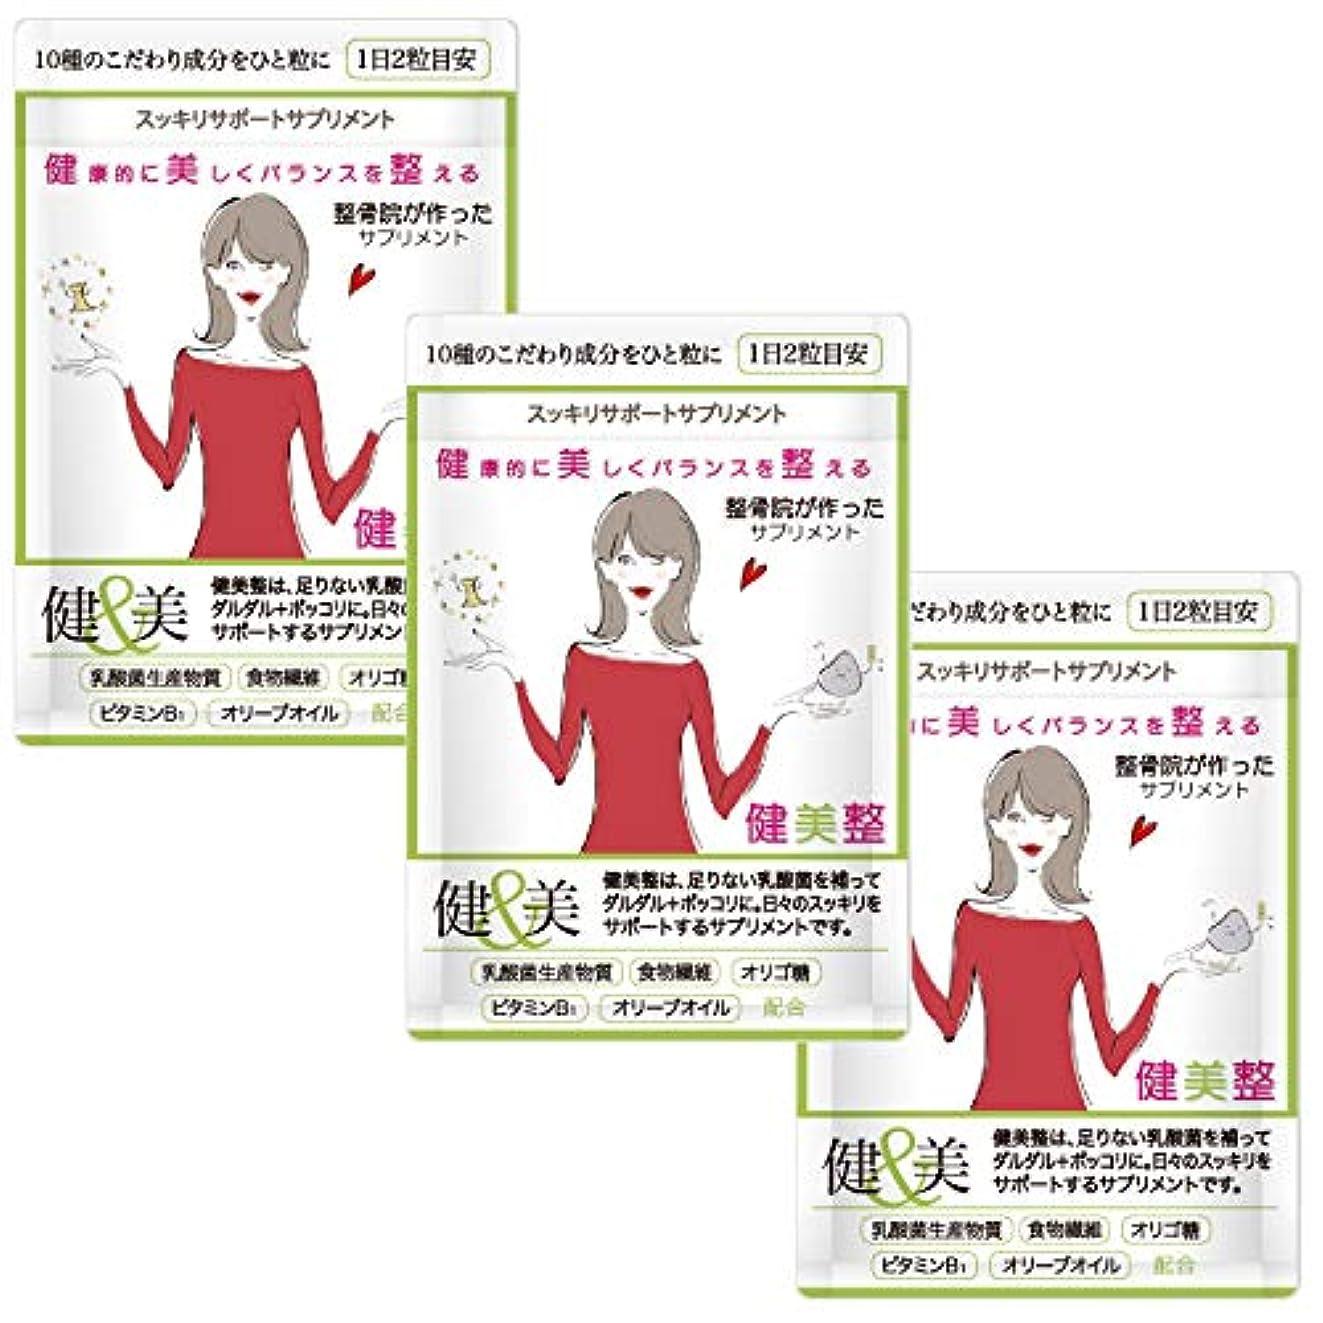 無葉なんでもダイエット サプリメント 人気 酵素 健美整プラス 腸内環境 炭 60粒1か月分 (3)